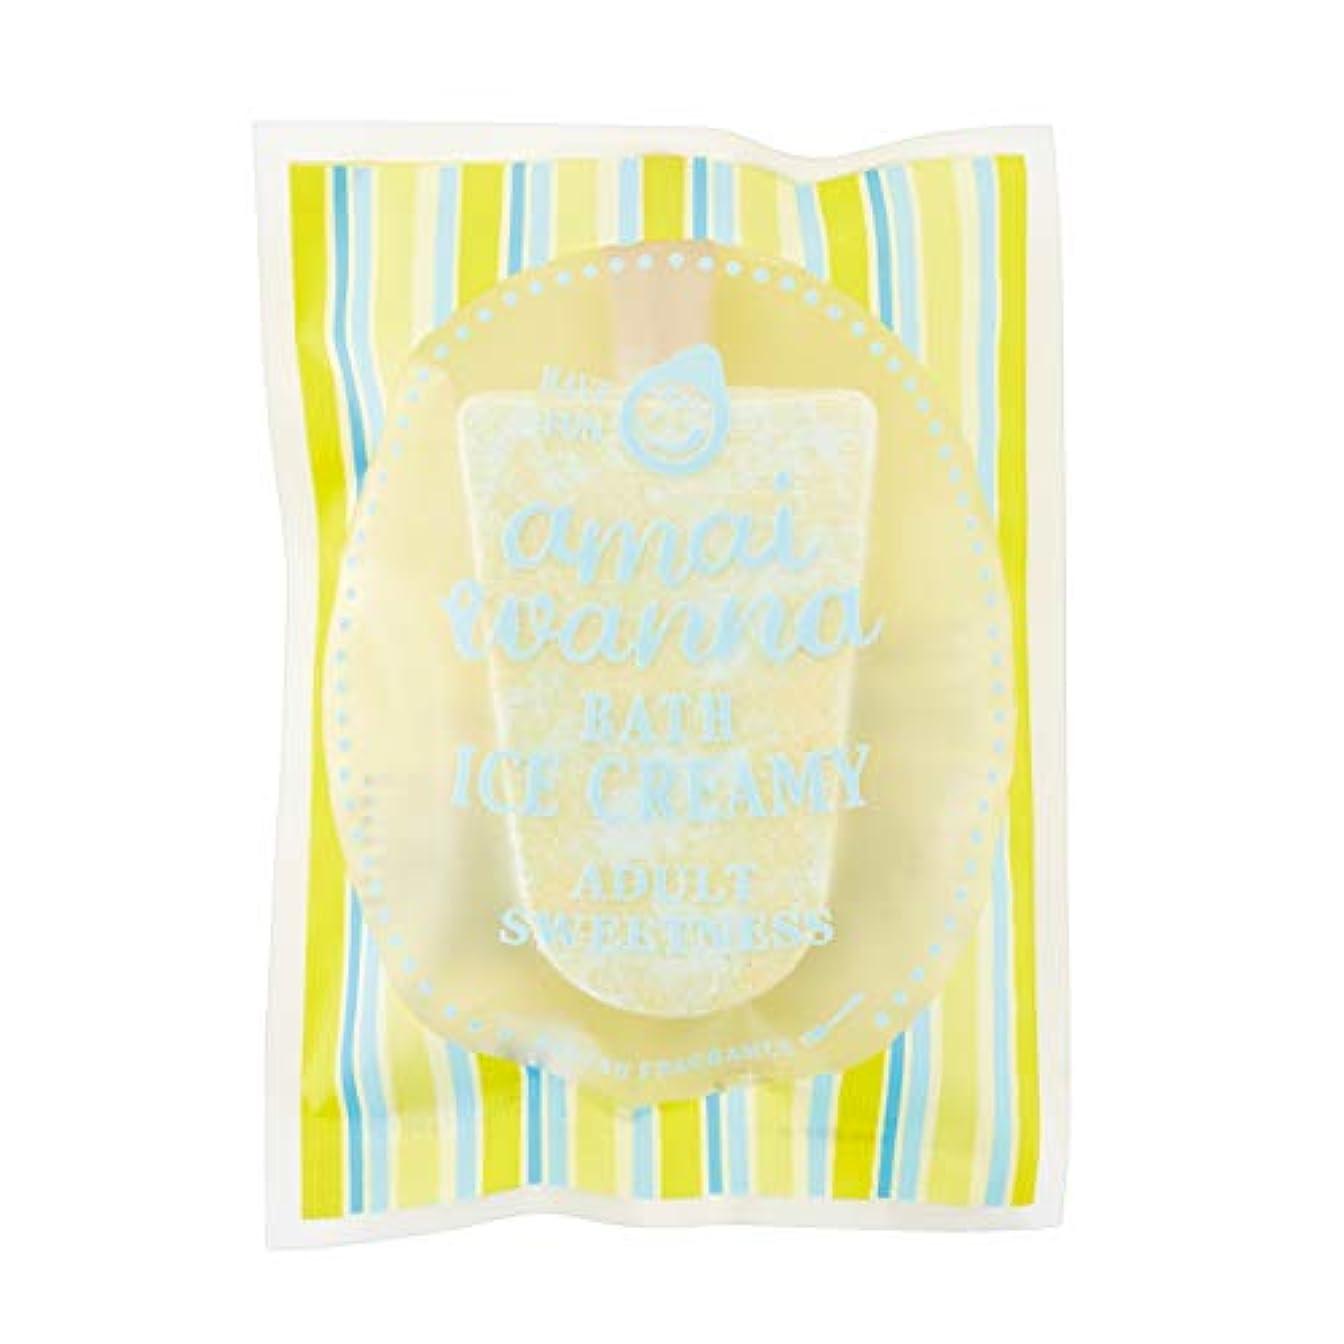 食用シソーラスリマアマイワナSP バスアイスクリーミー 大人の甘美デザート60g(とろみのつく入浴料 メッセージ付 ギフト)